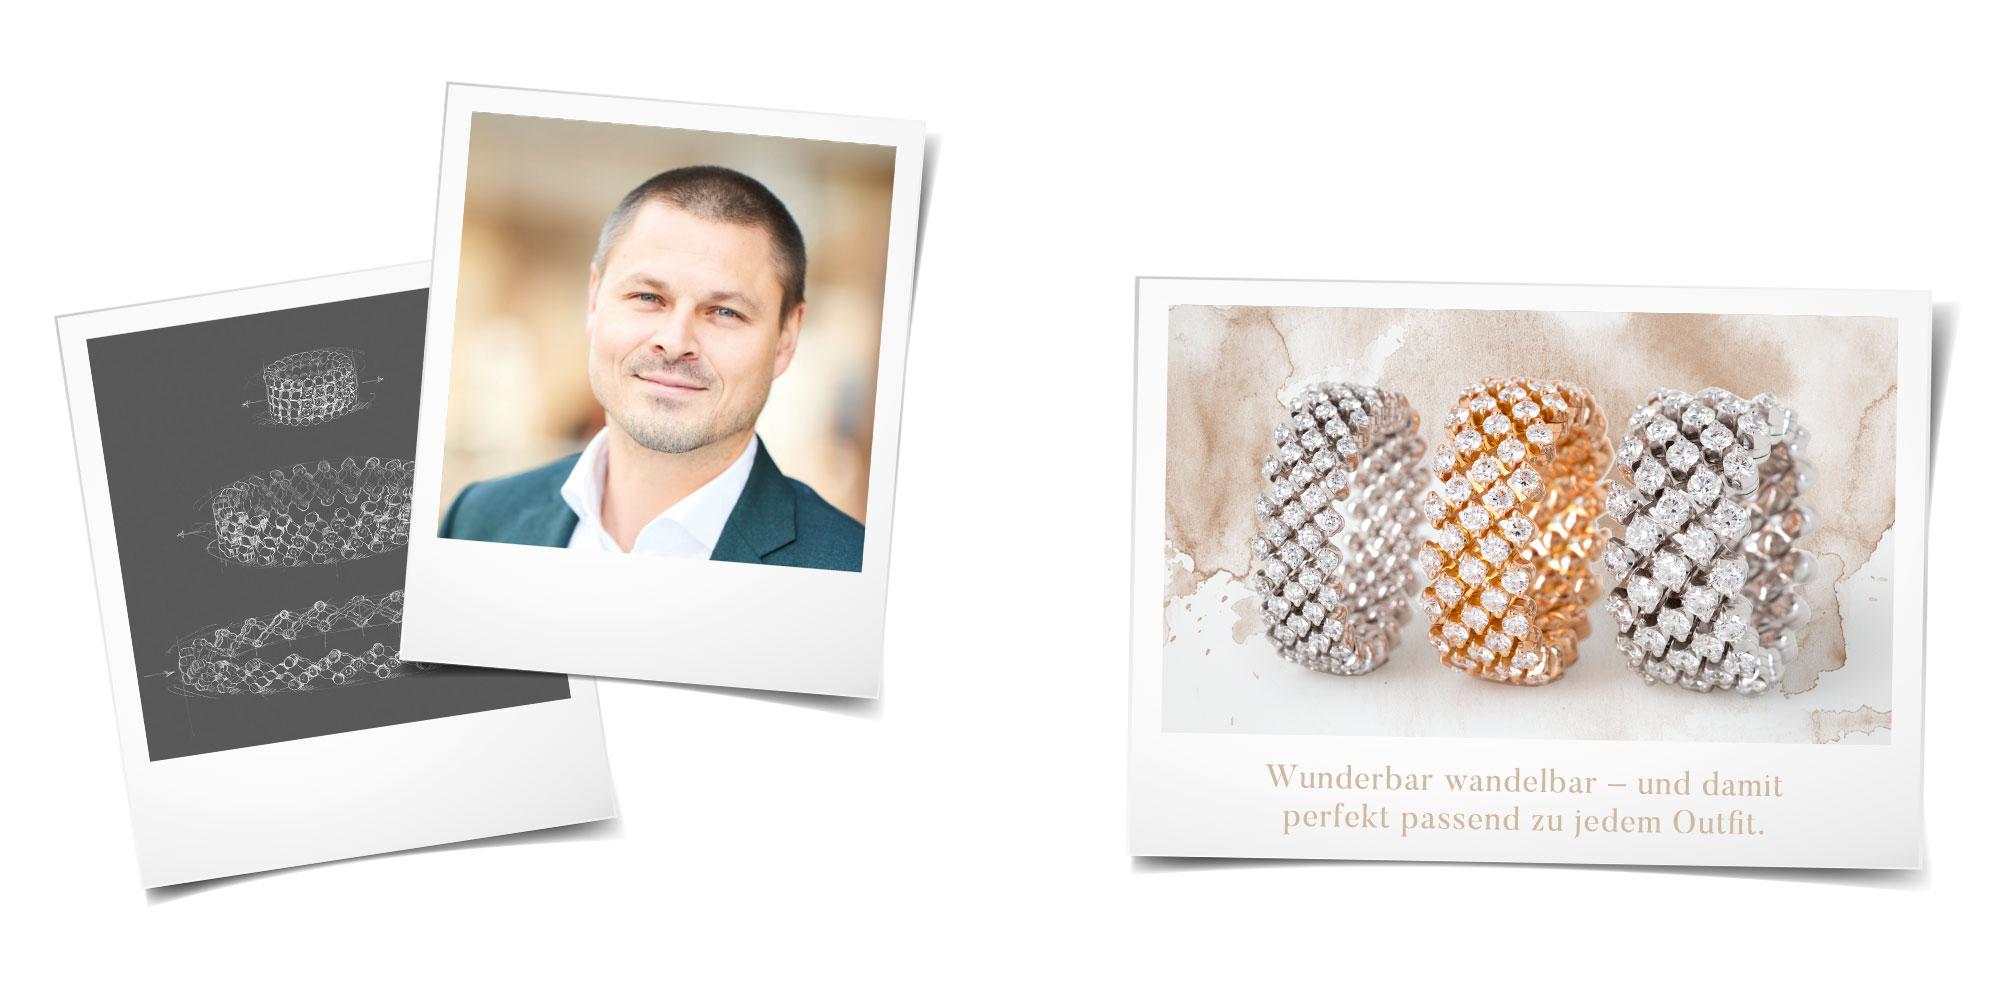 Thema-des-Monats-Oktober-bei-Juwelier-Fridrich-Muenchen_2000x1000